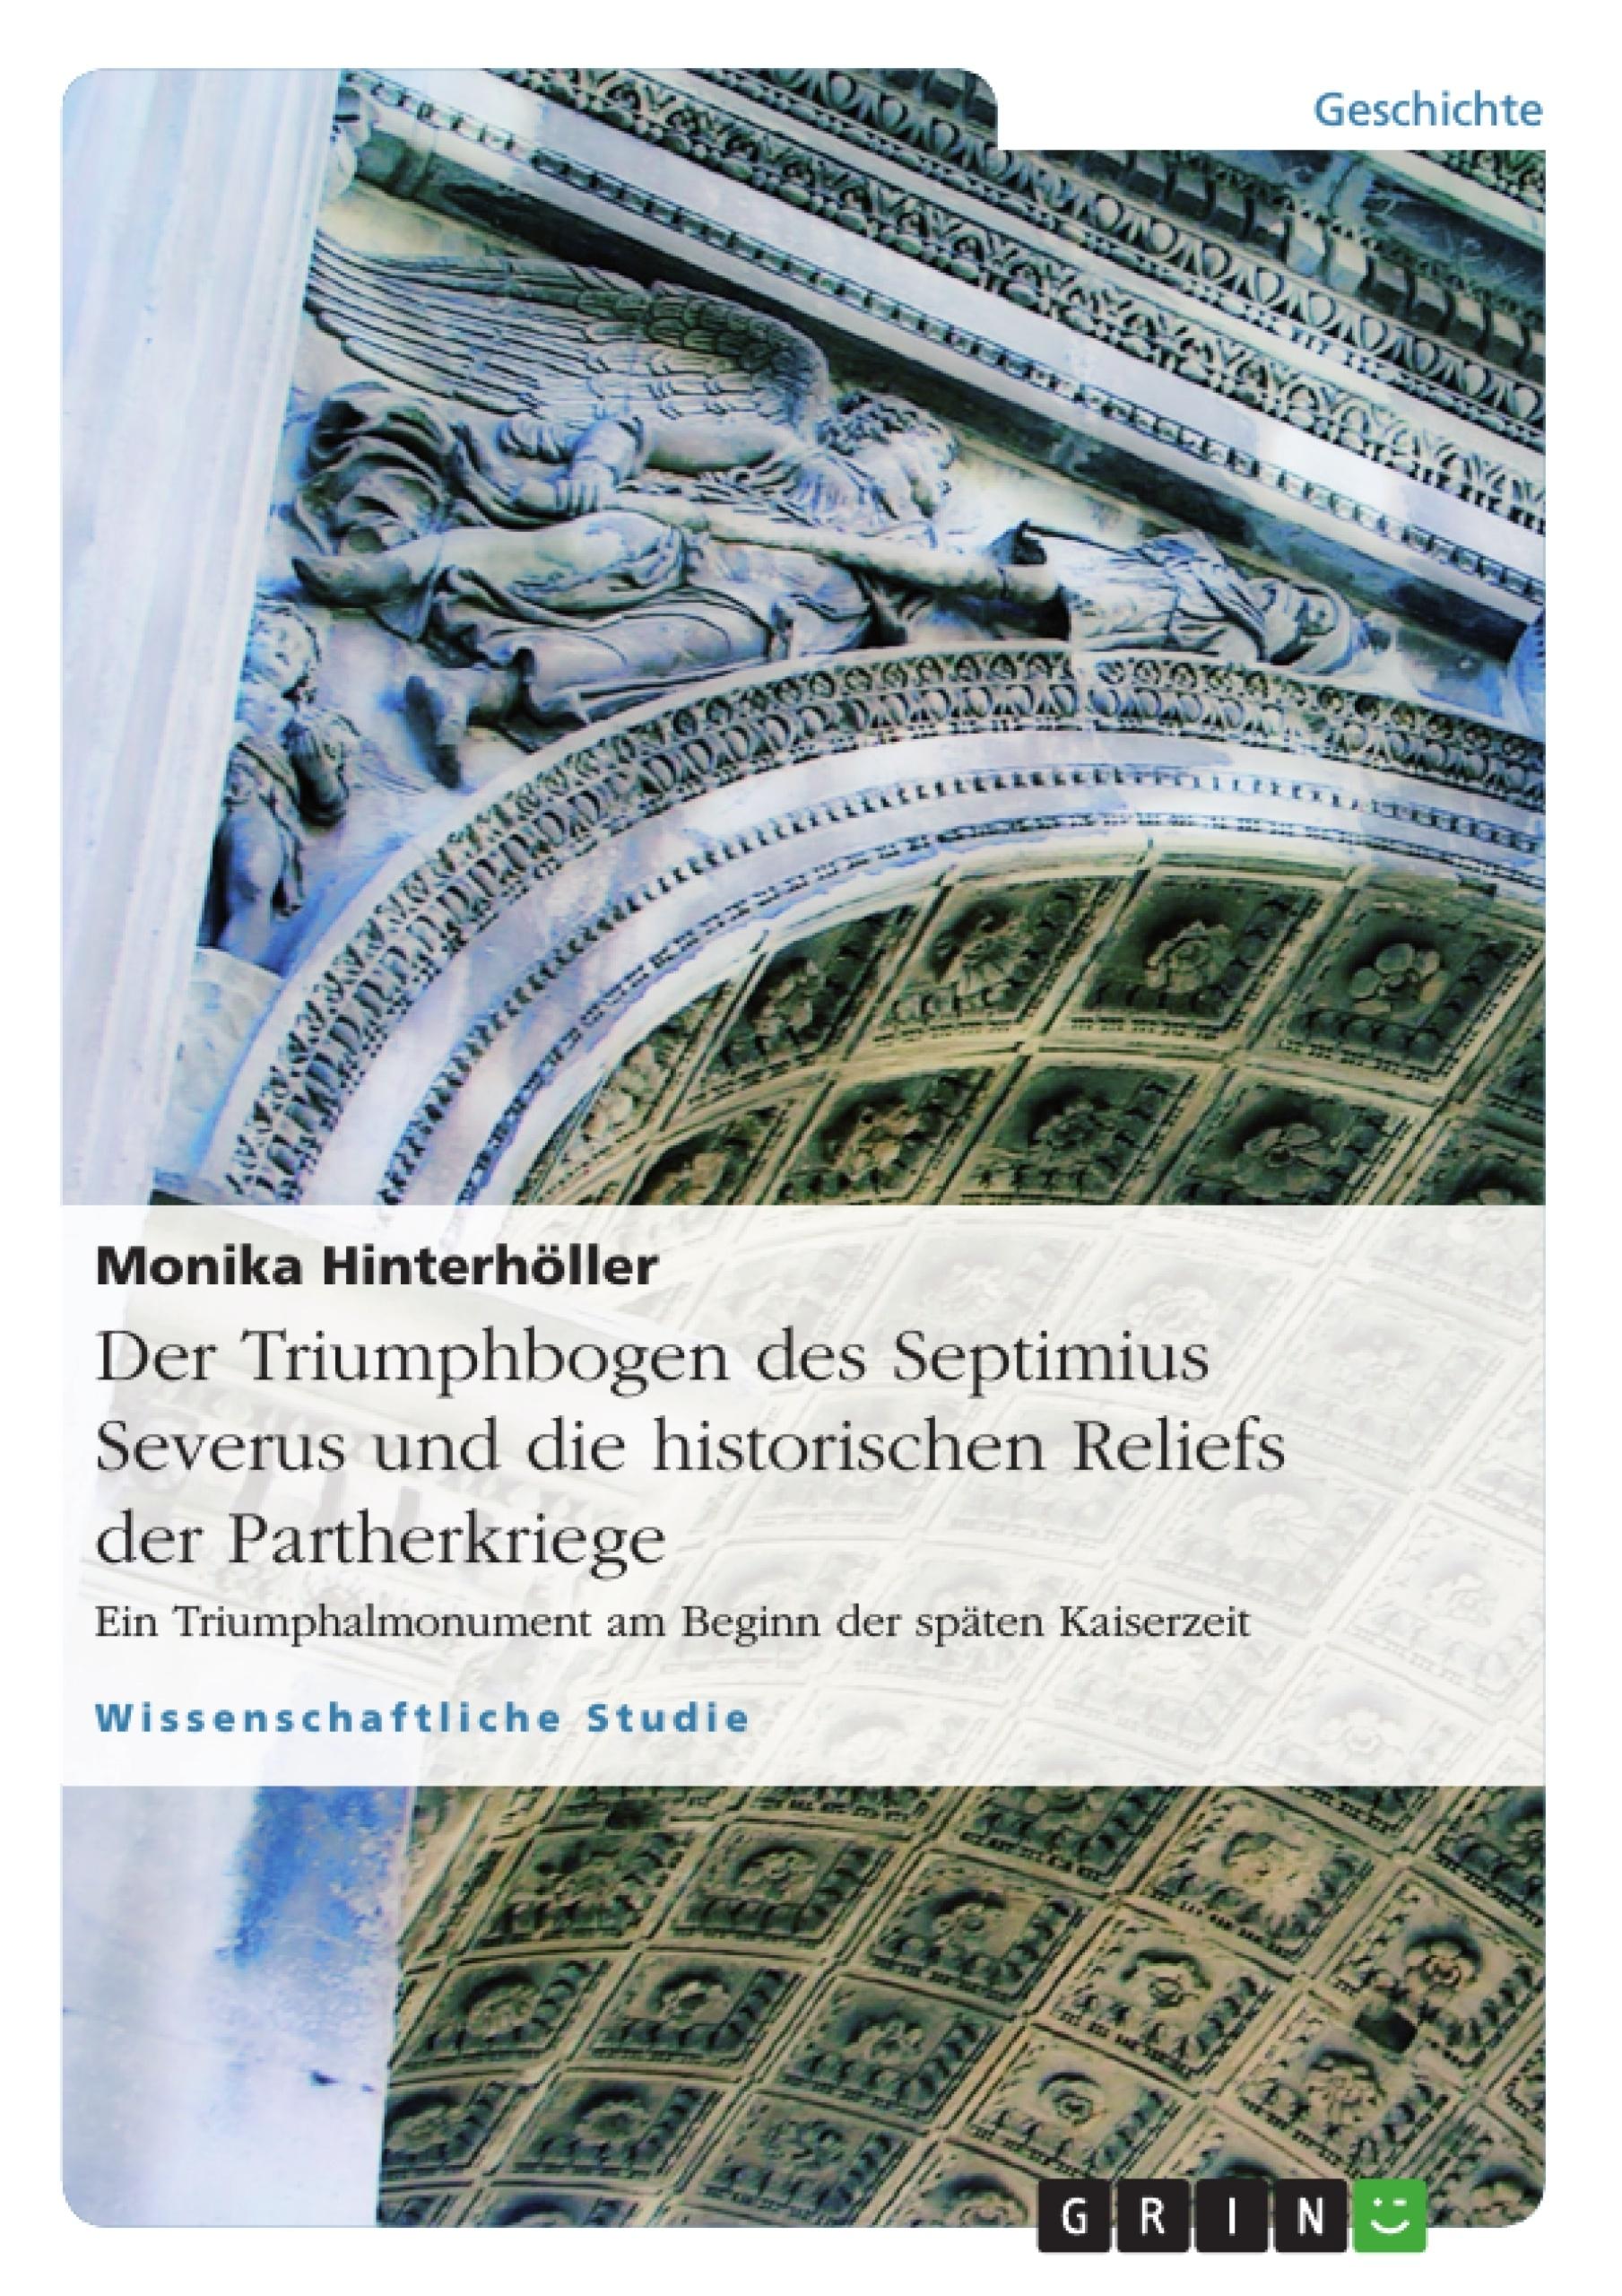 Titel: Der Triumphbogen des Septimius Severus und die historischen Reliefs der Partherkriege